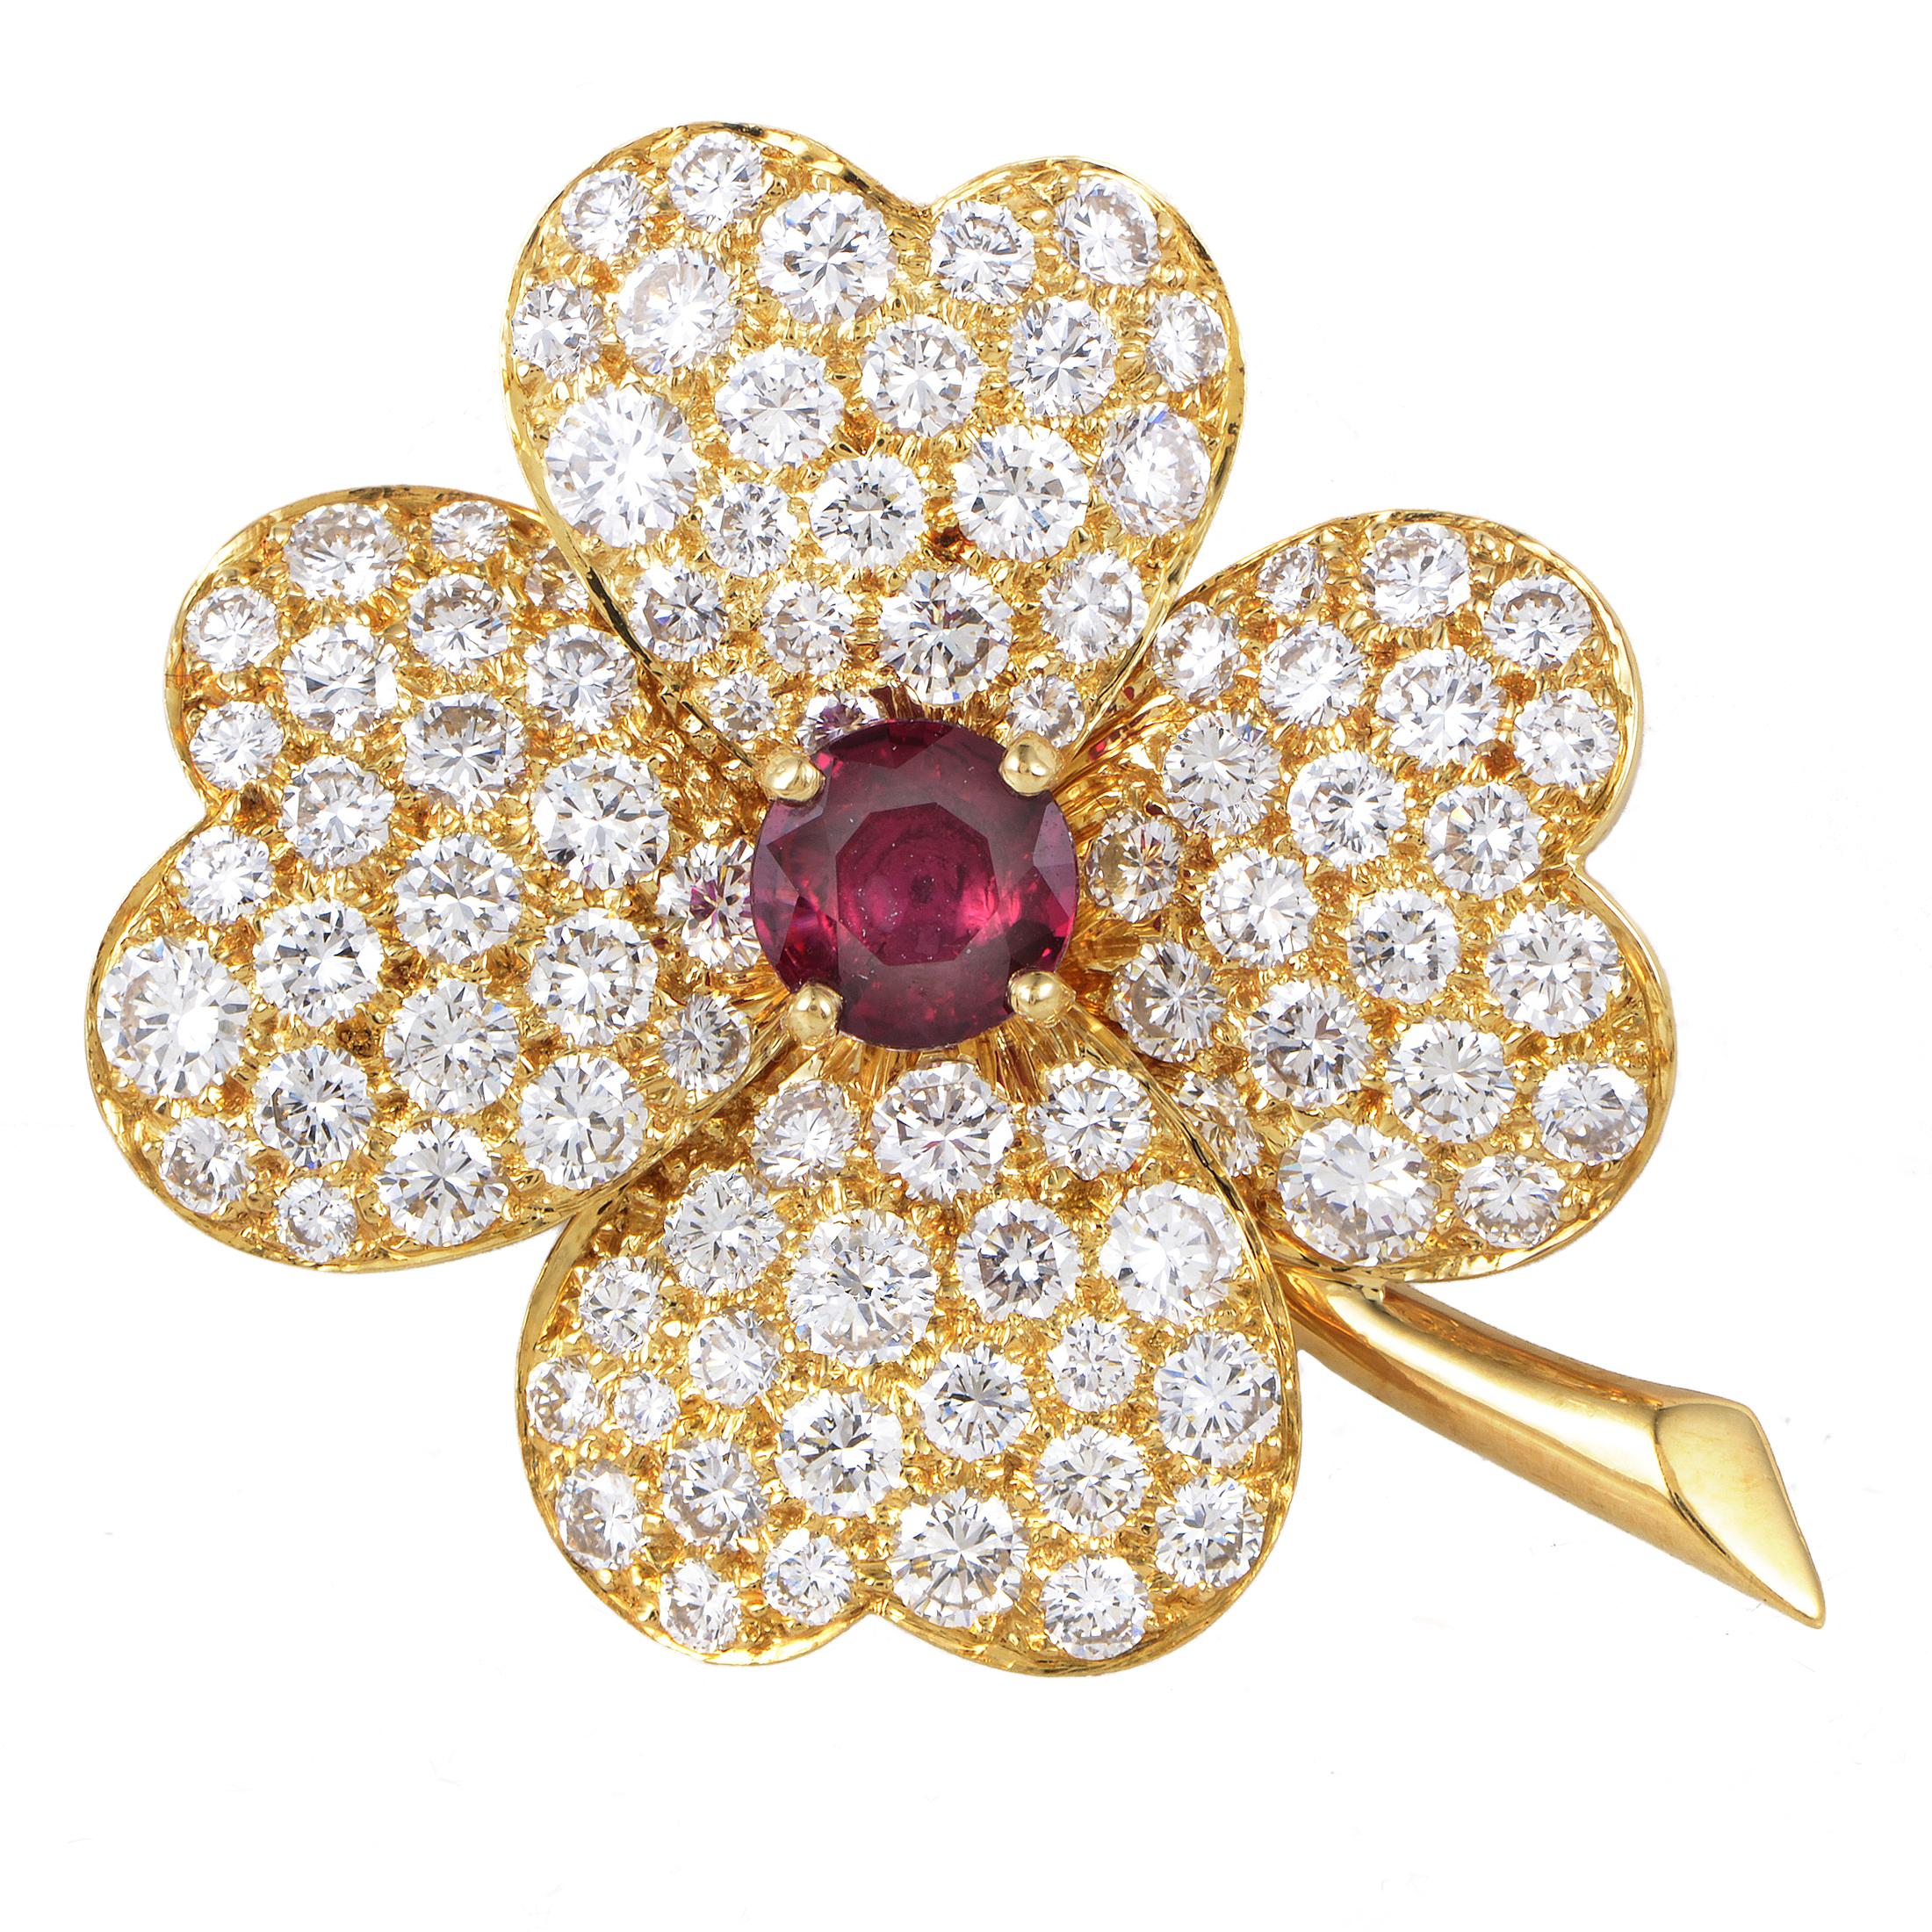 Van Cleef & Arpels Vintage Cosmos 18K Yellow Gold Diamond & Ruby Pendant/Brooch